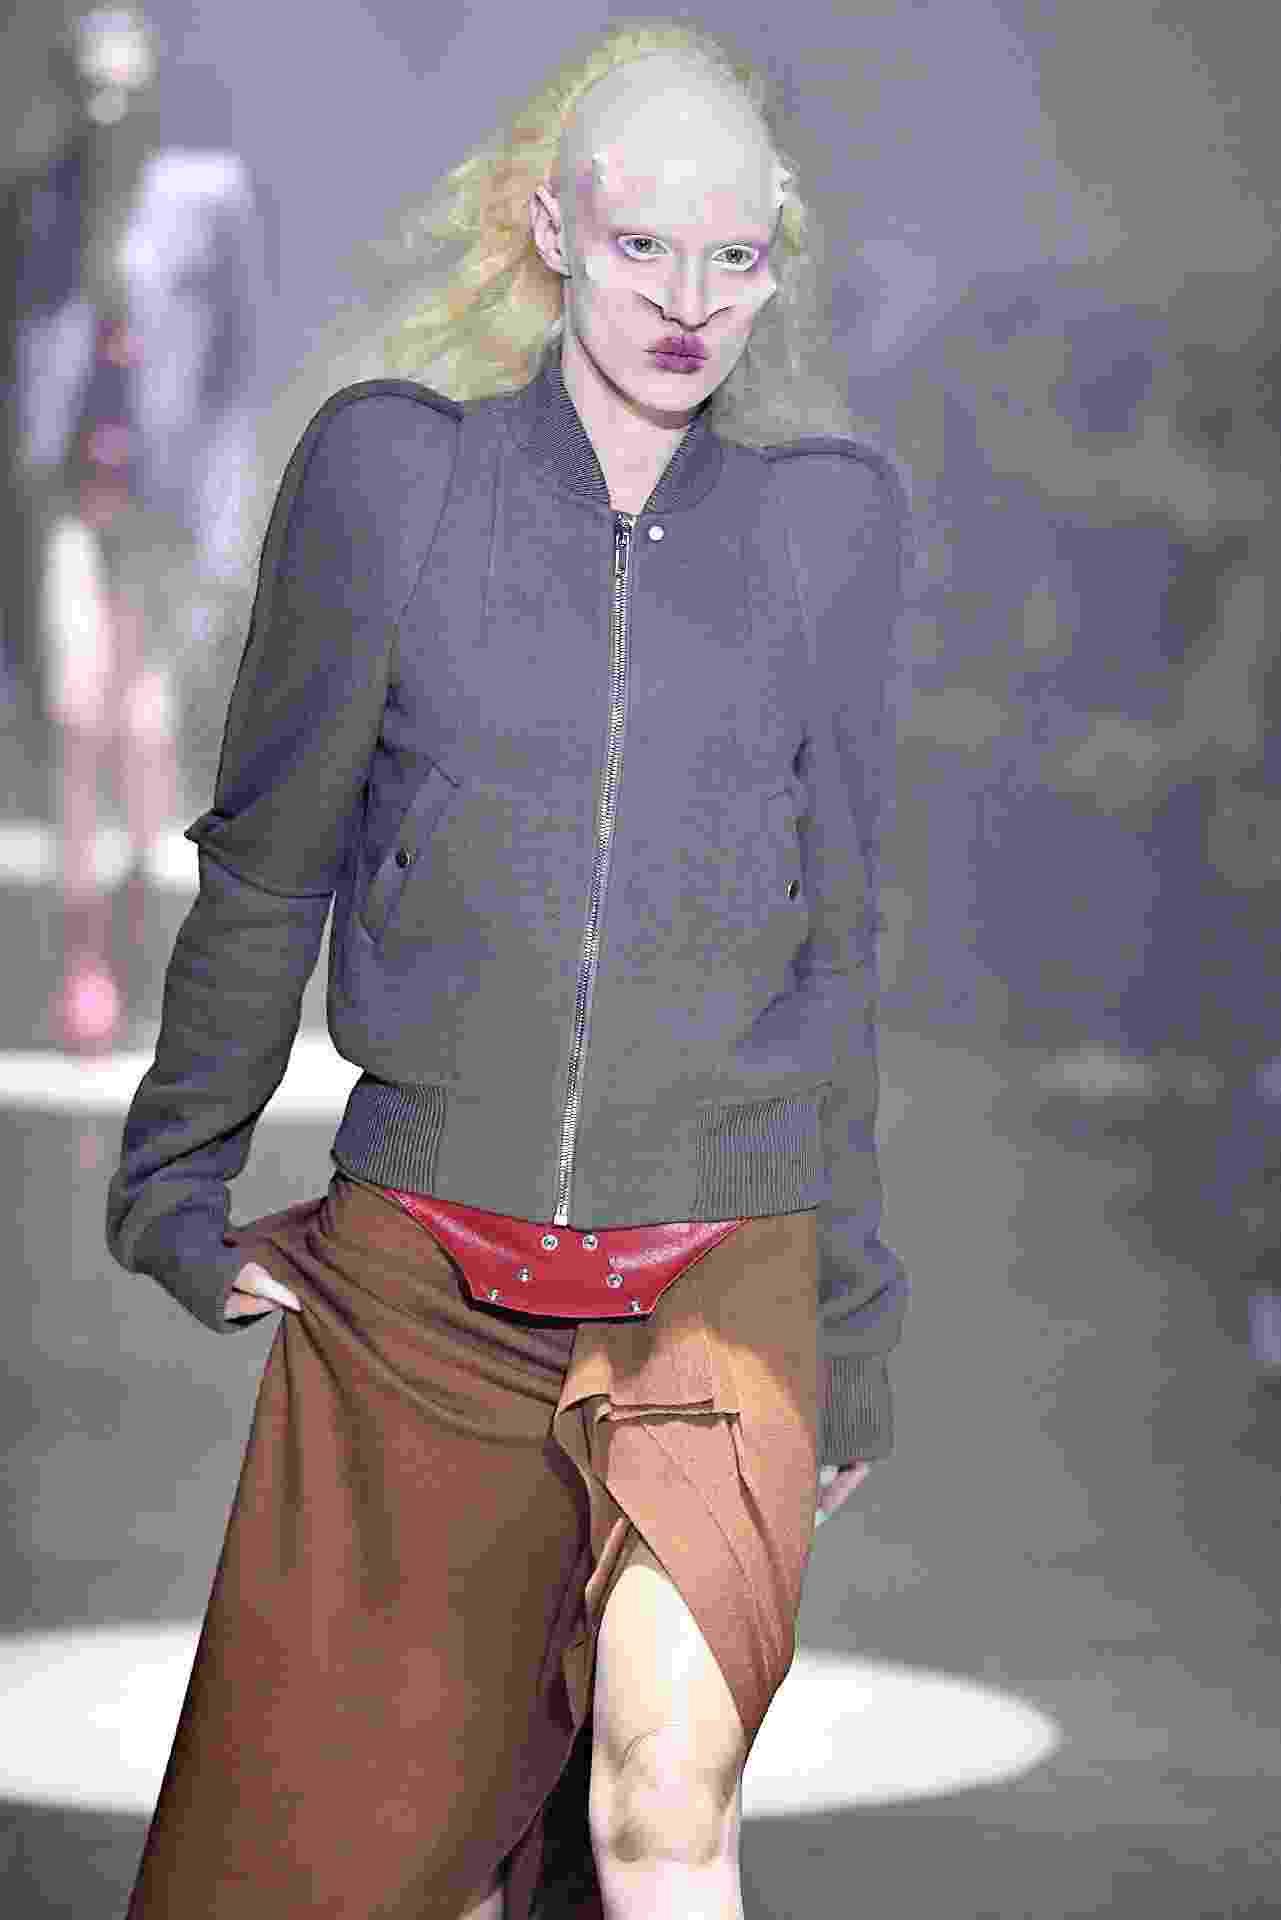 Desfile da marca Rick Owens na Semana de Moda de Paris - Getty Images